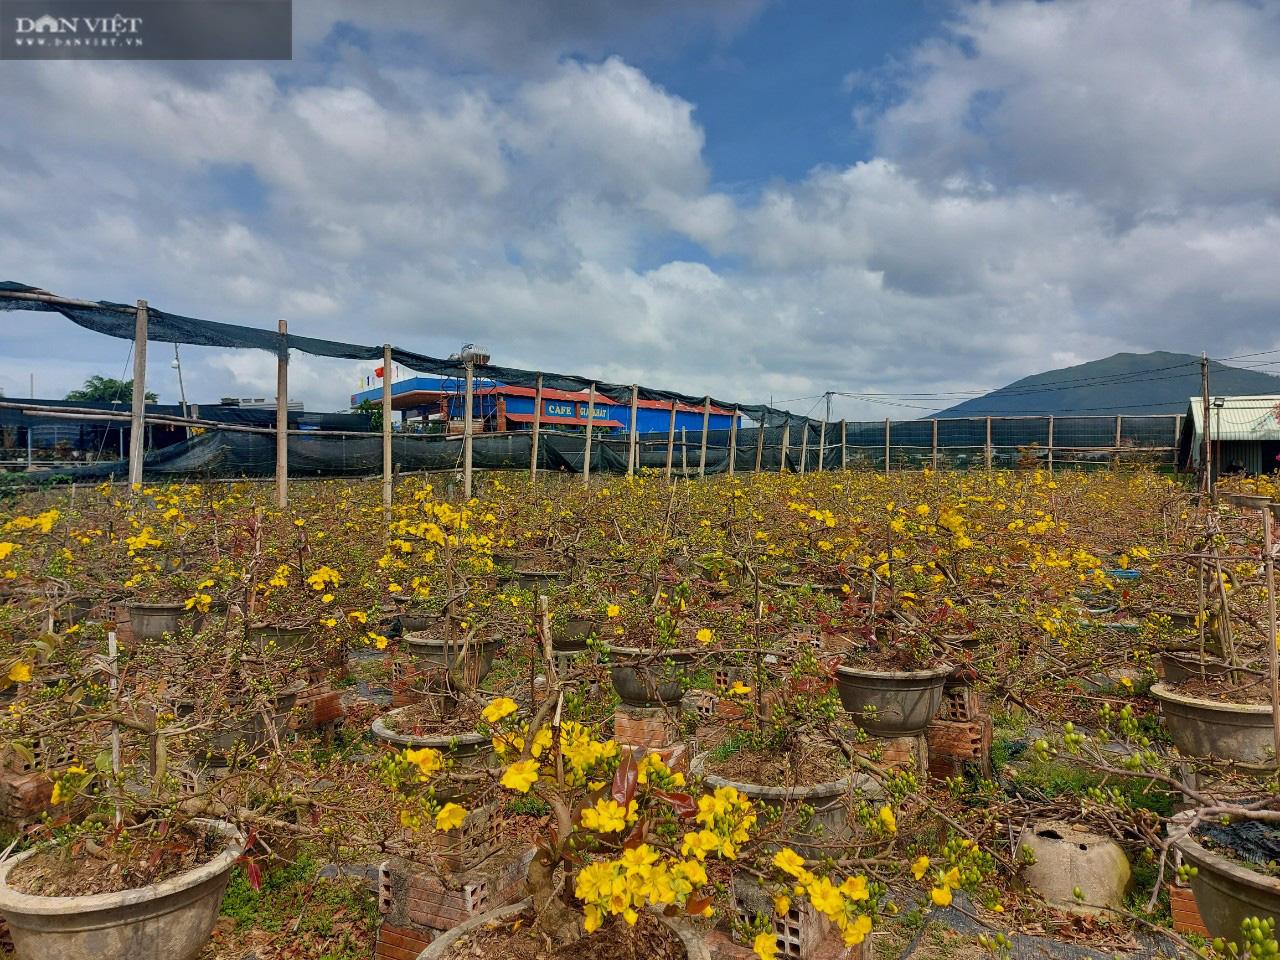 """Bình Định: Trồng cây ra hoa màu vàng, chỉ bán """"chạy"""" dịp Tết, thu về gần 80 tỷ đồng - Ảnh 1."""